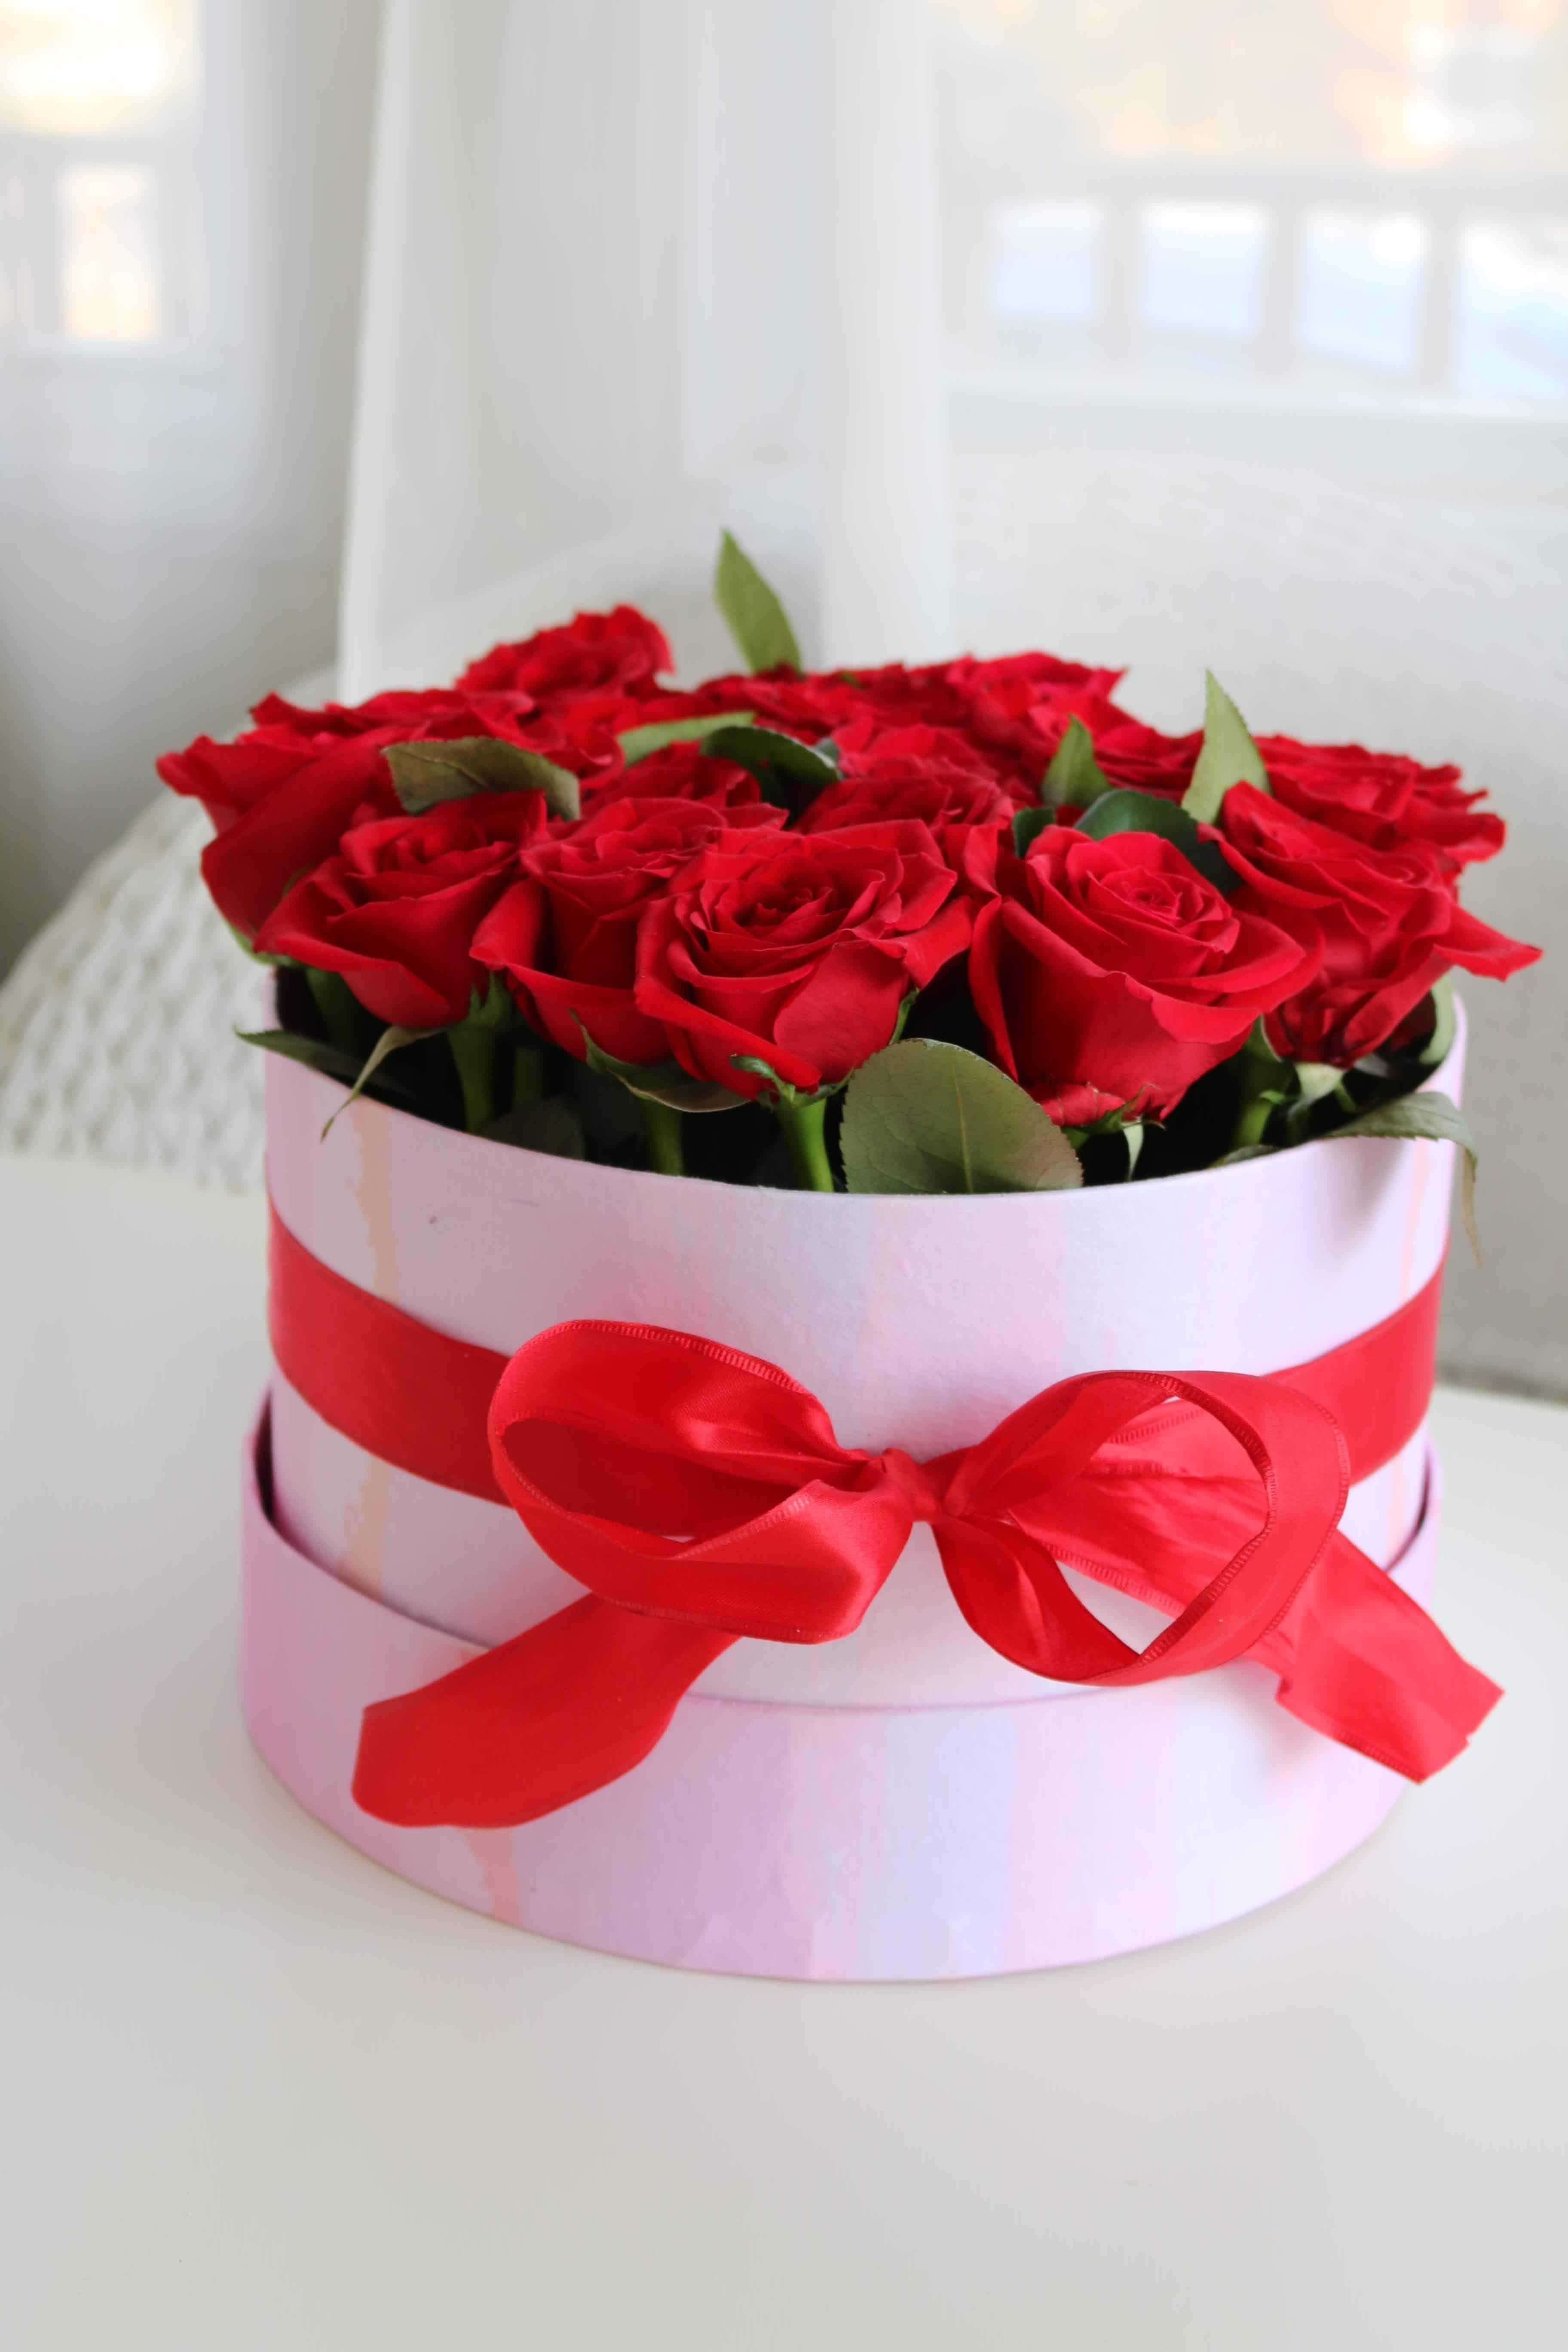 IMG 0185 e1568179170910 - Cómo hacer Caja de Rosas para San Valentin :  También 6 Fáciles regalos que tu mismo puedes hacer para Valentines Day